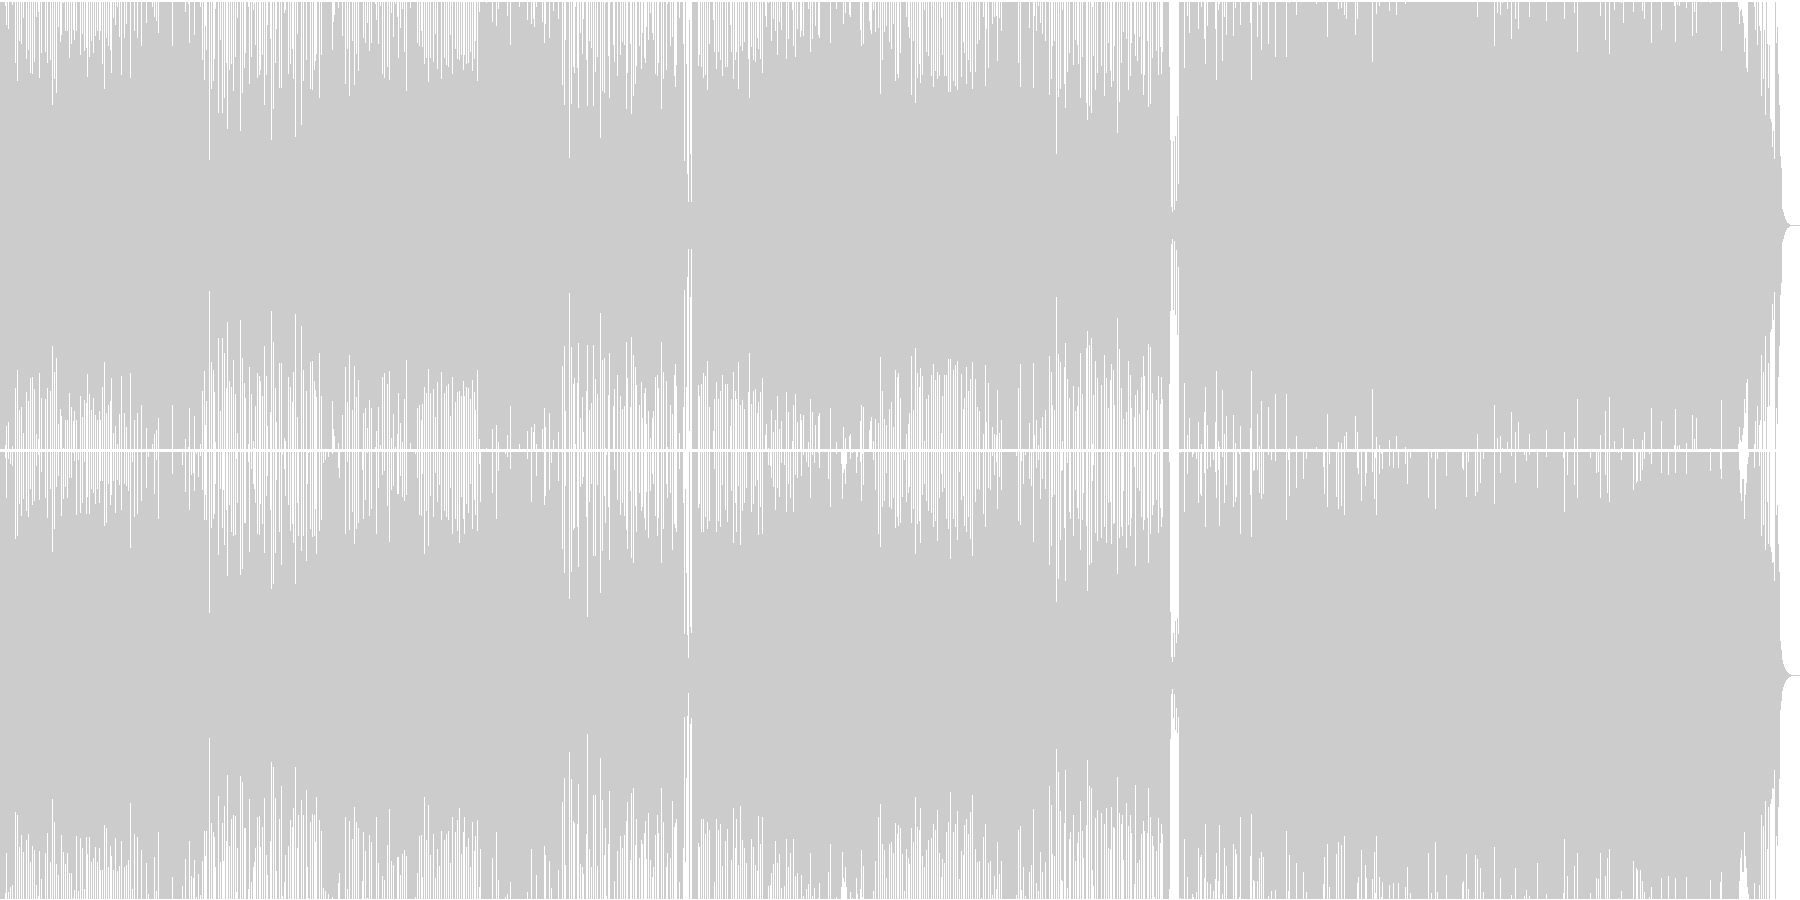 積極的でエネルギッシュなロックミュ...の未再生の波形